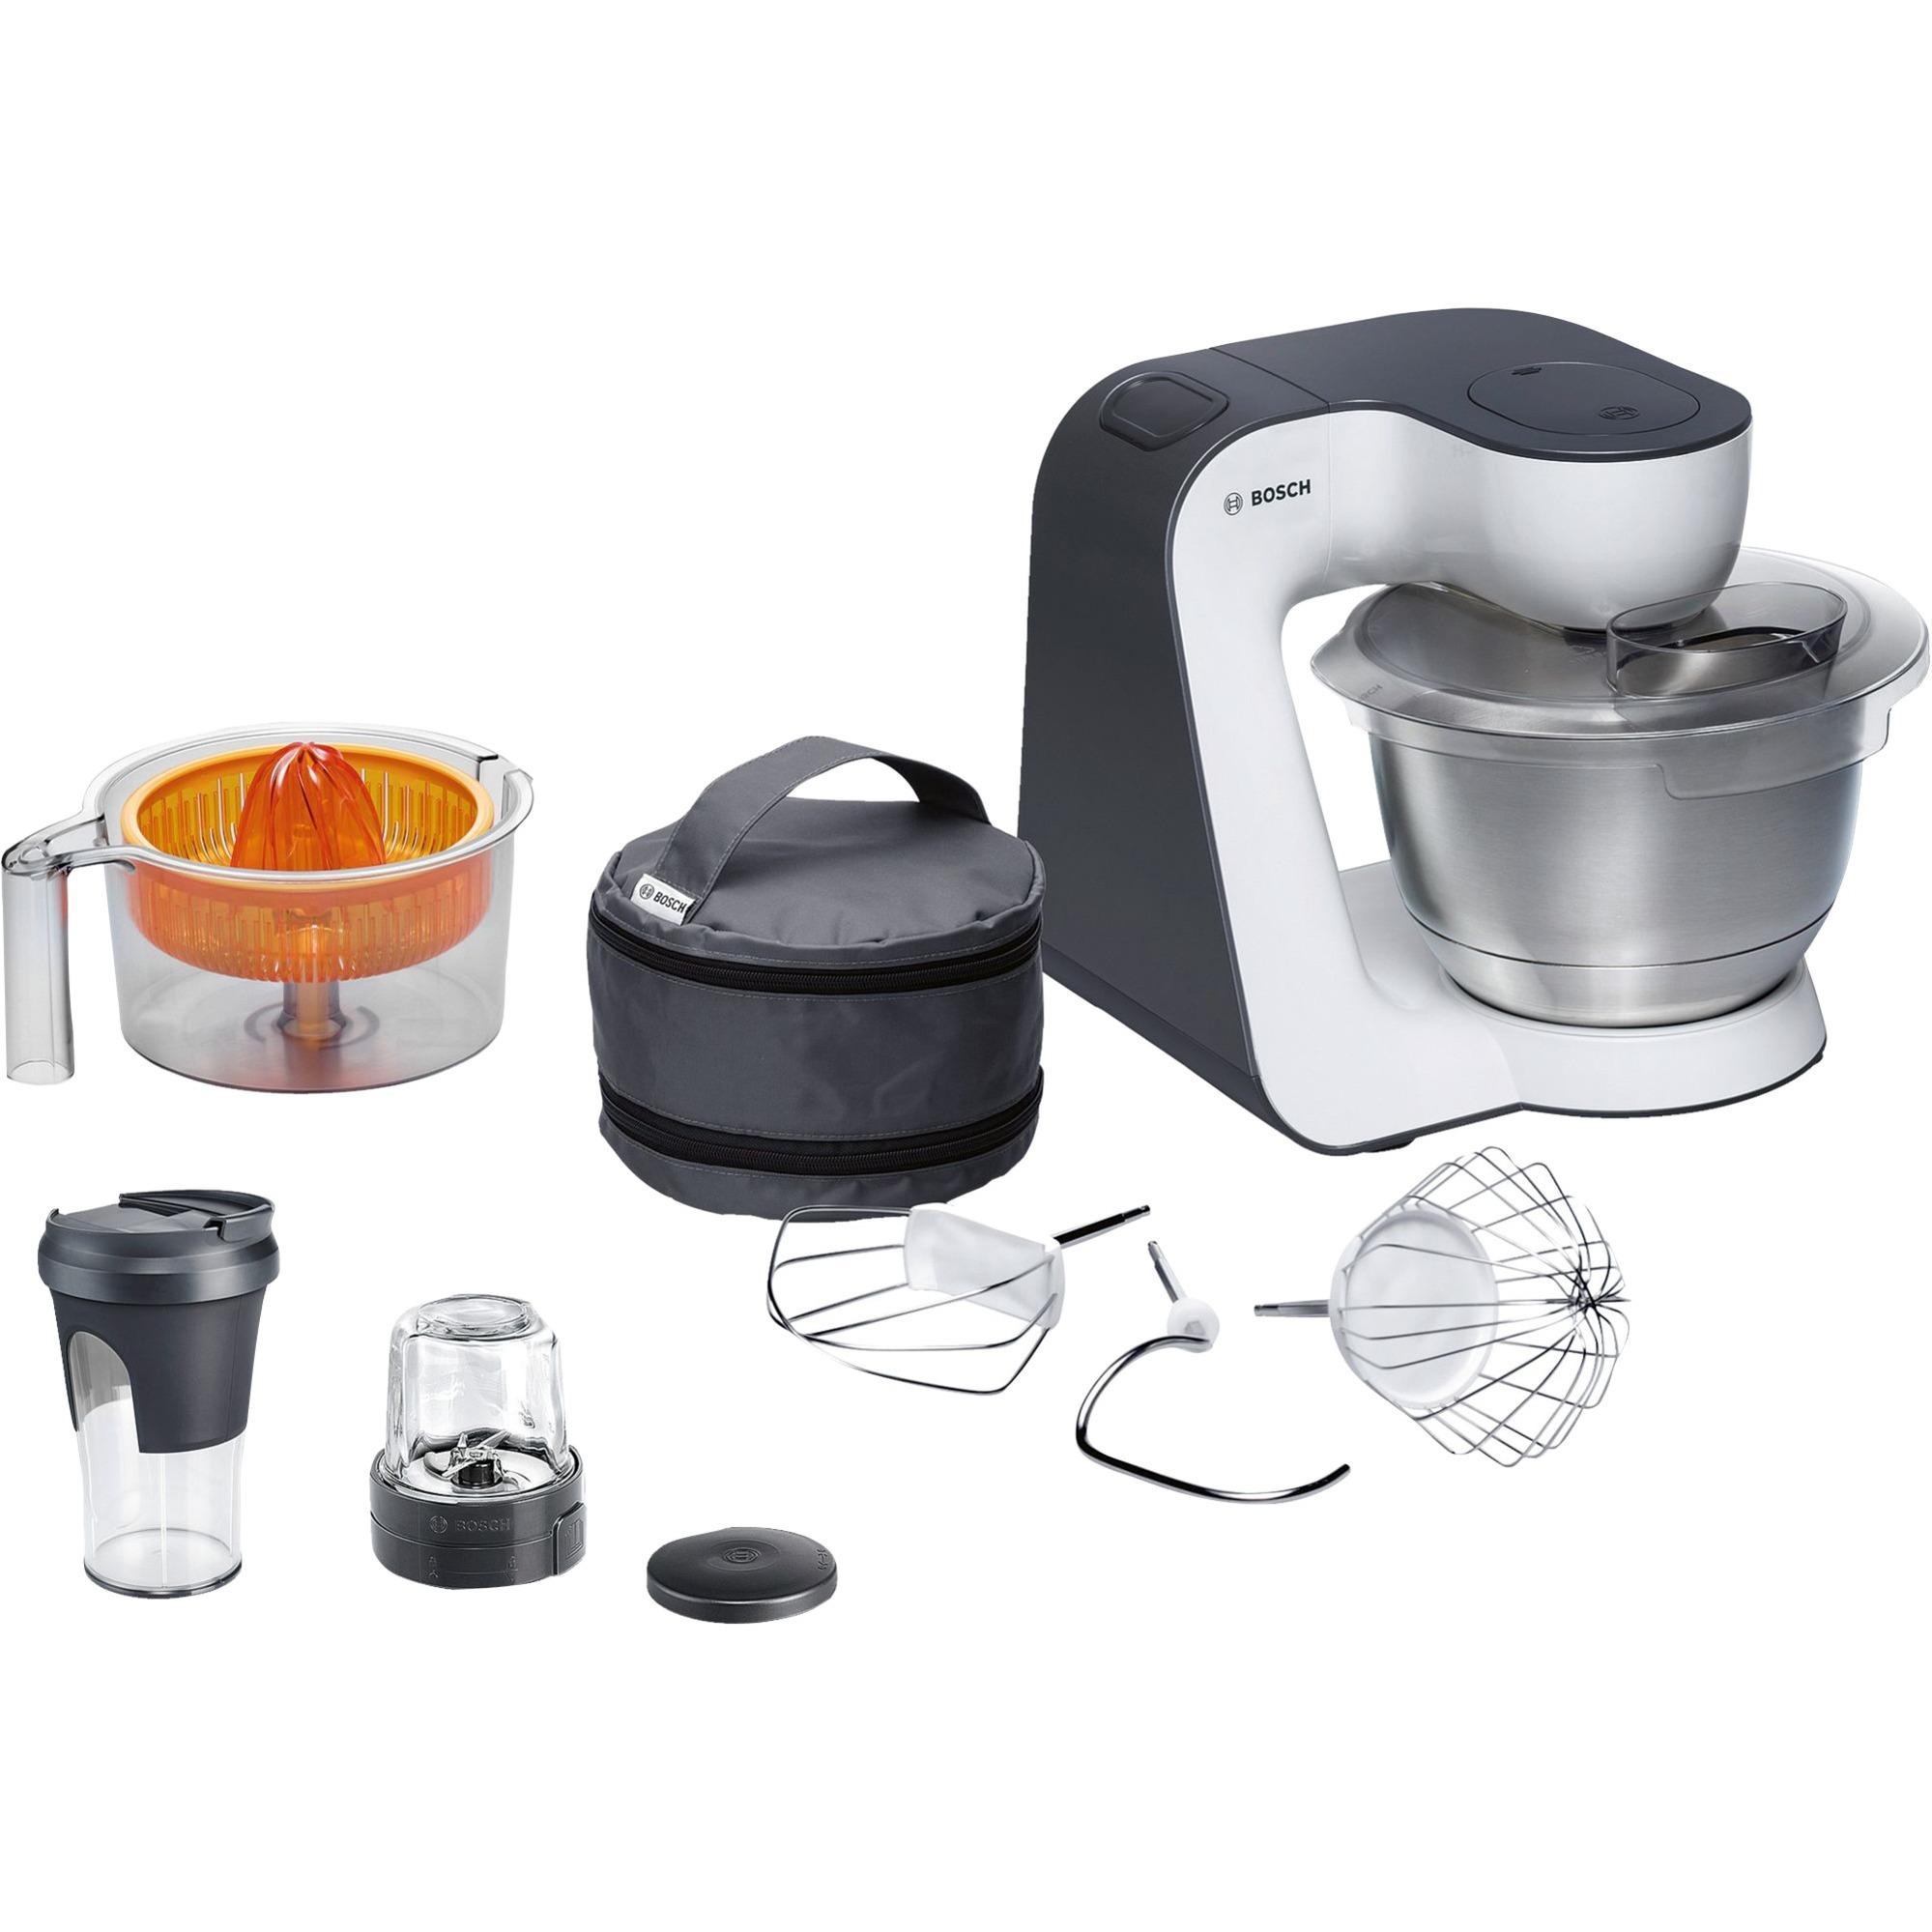 Elettrodomestico da cucina robot da cucina general shopping - Bosch robot da cucina ...